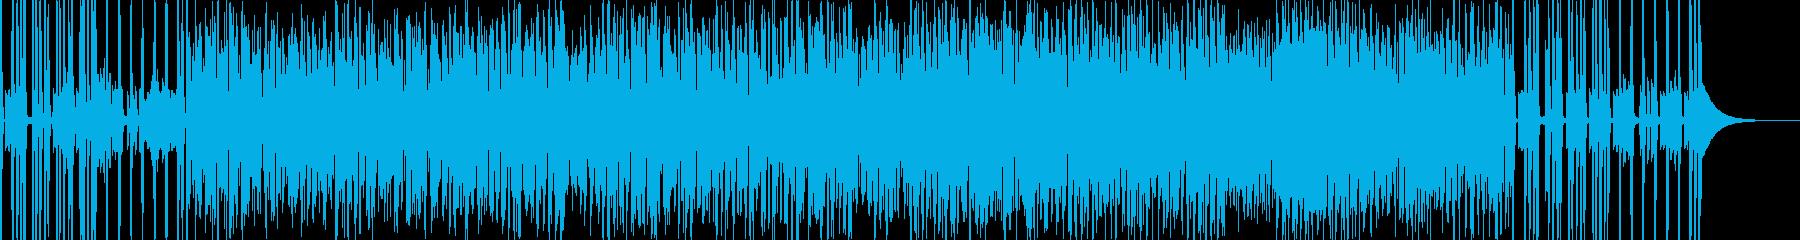 情熱的なイメージの楽曲。裏打ちレゲエ系。の再生済みの波形